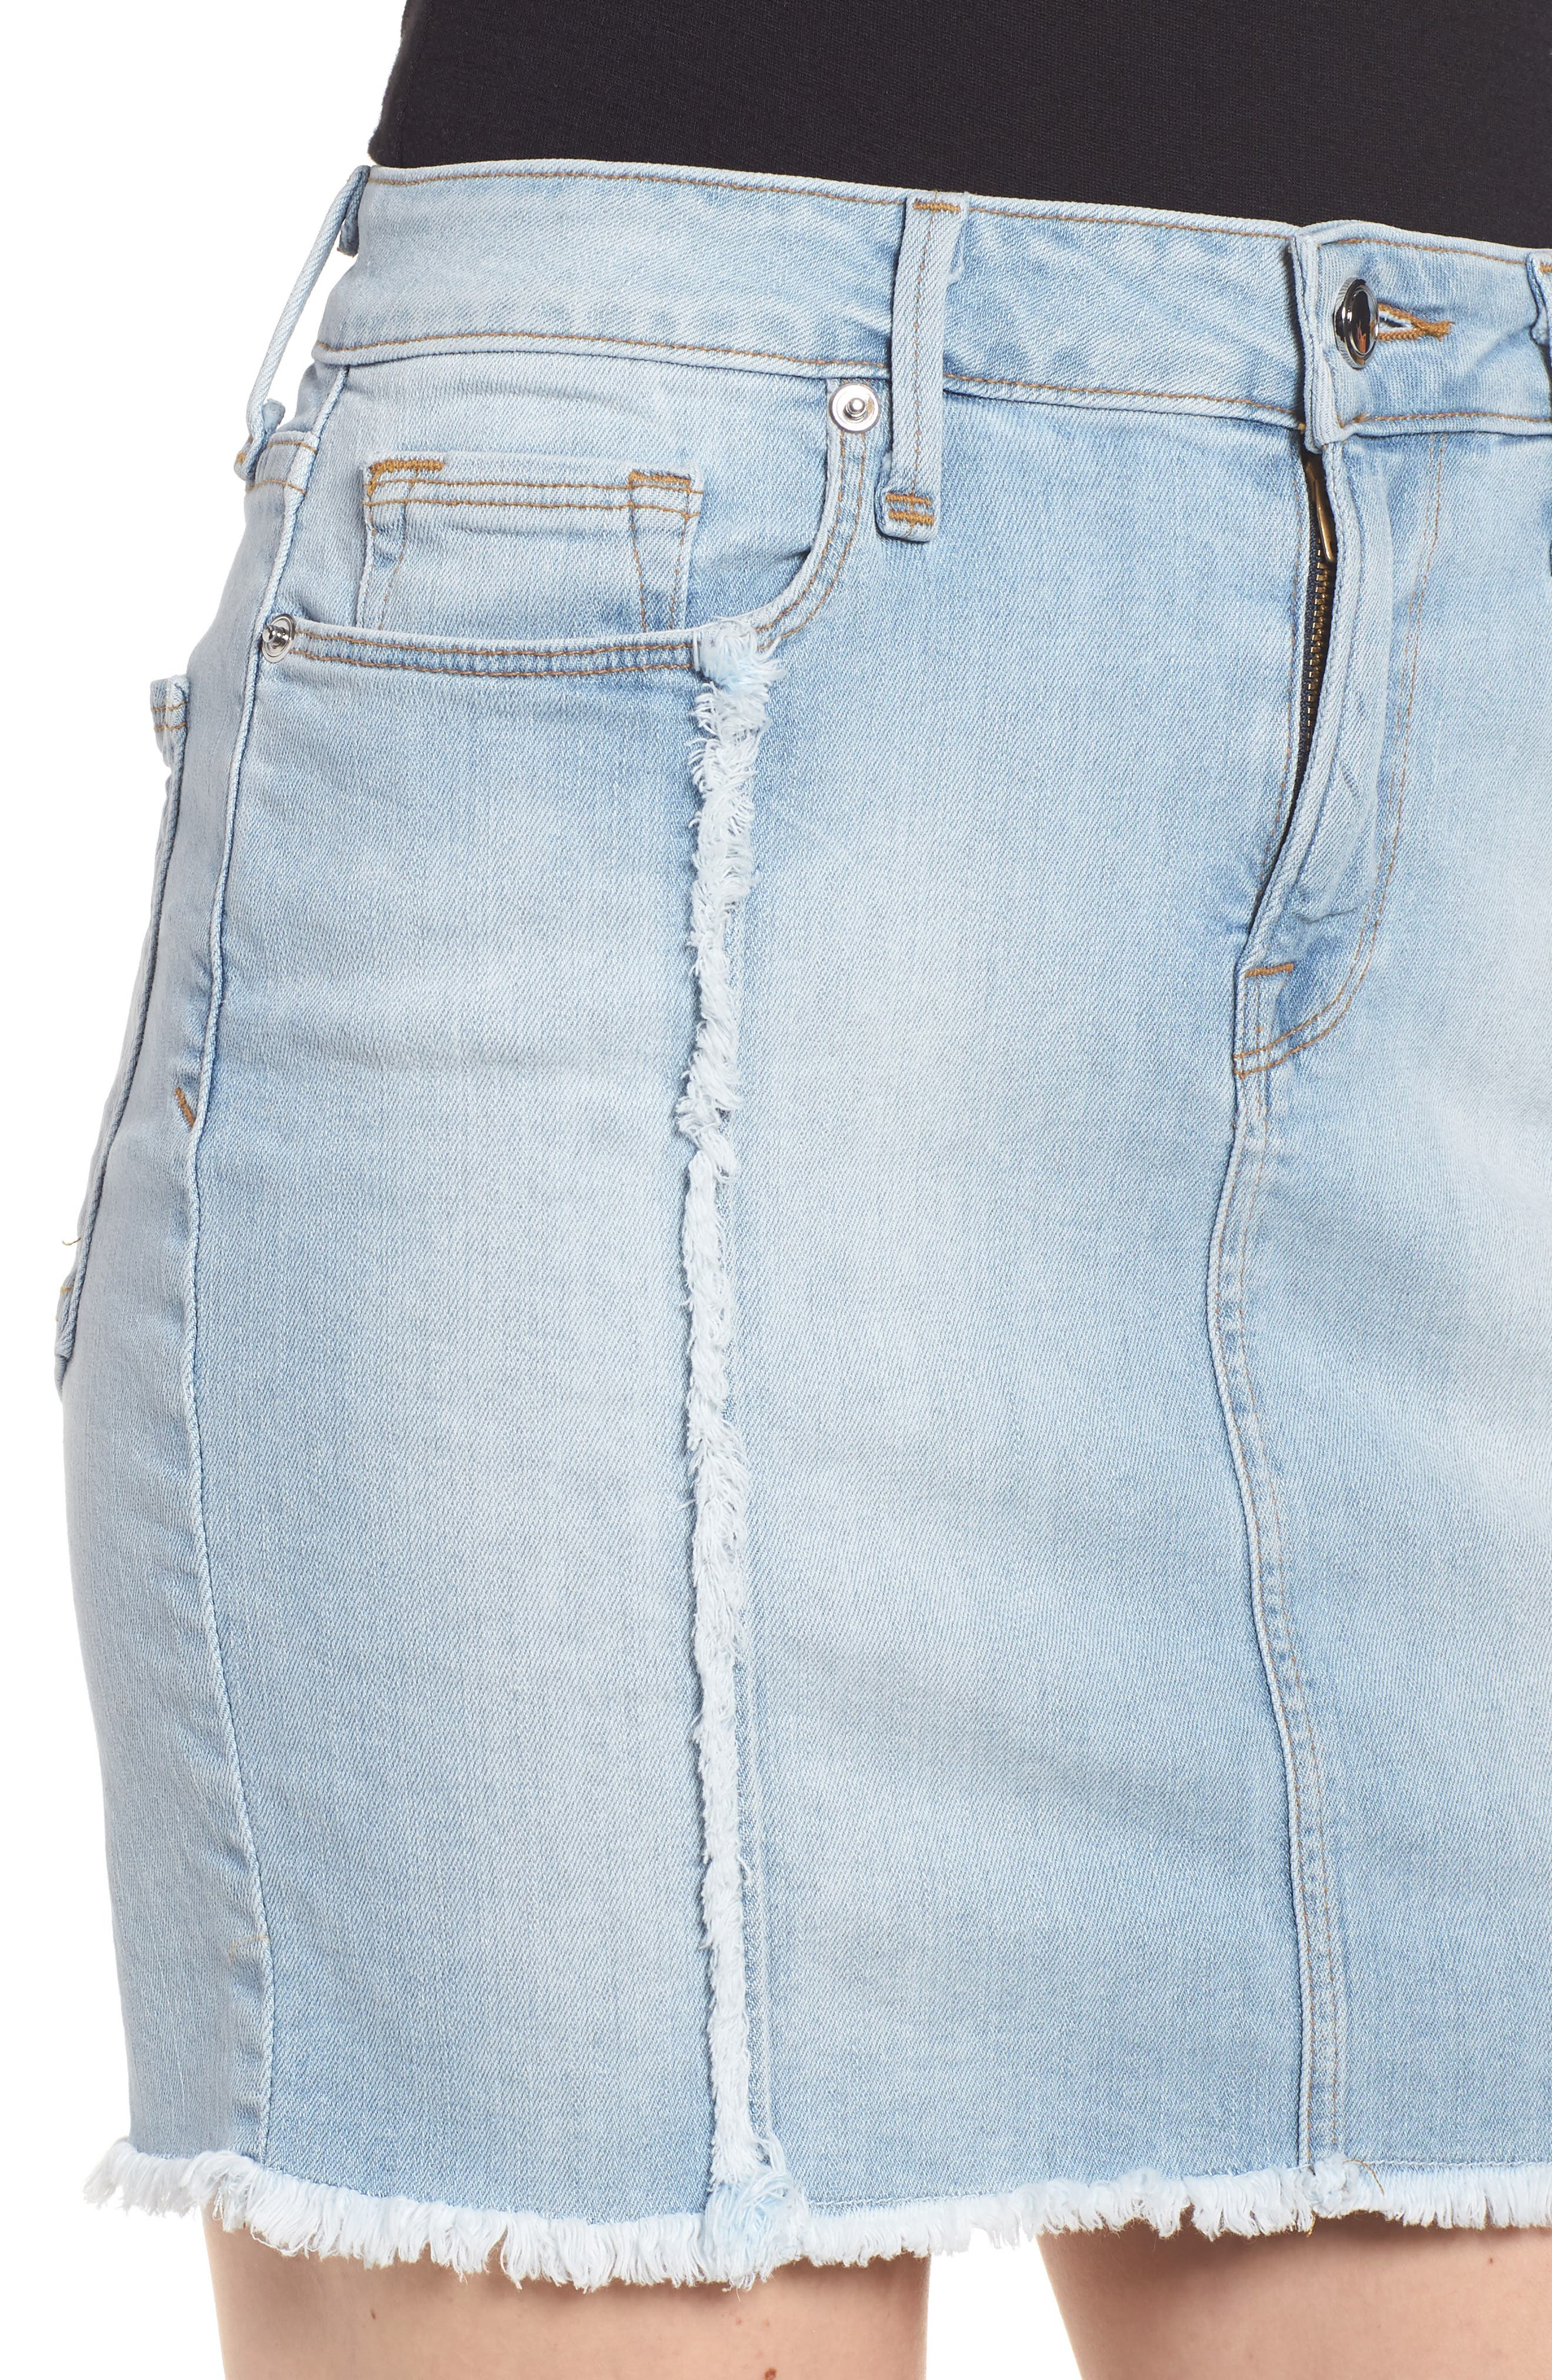 The Mini Distressed Seams Denim Miniskirt,                             Alternate thumbnail 4, color,                             401